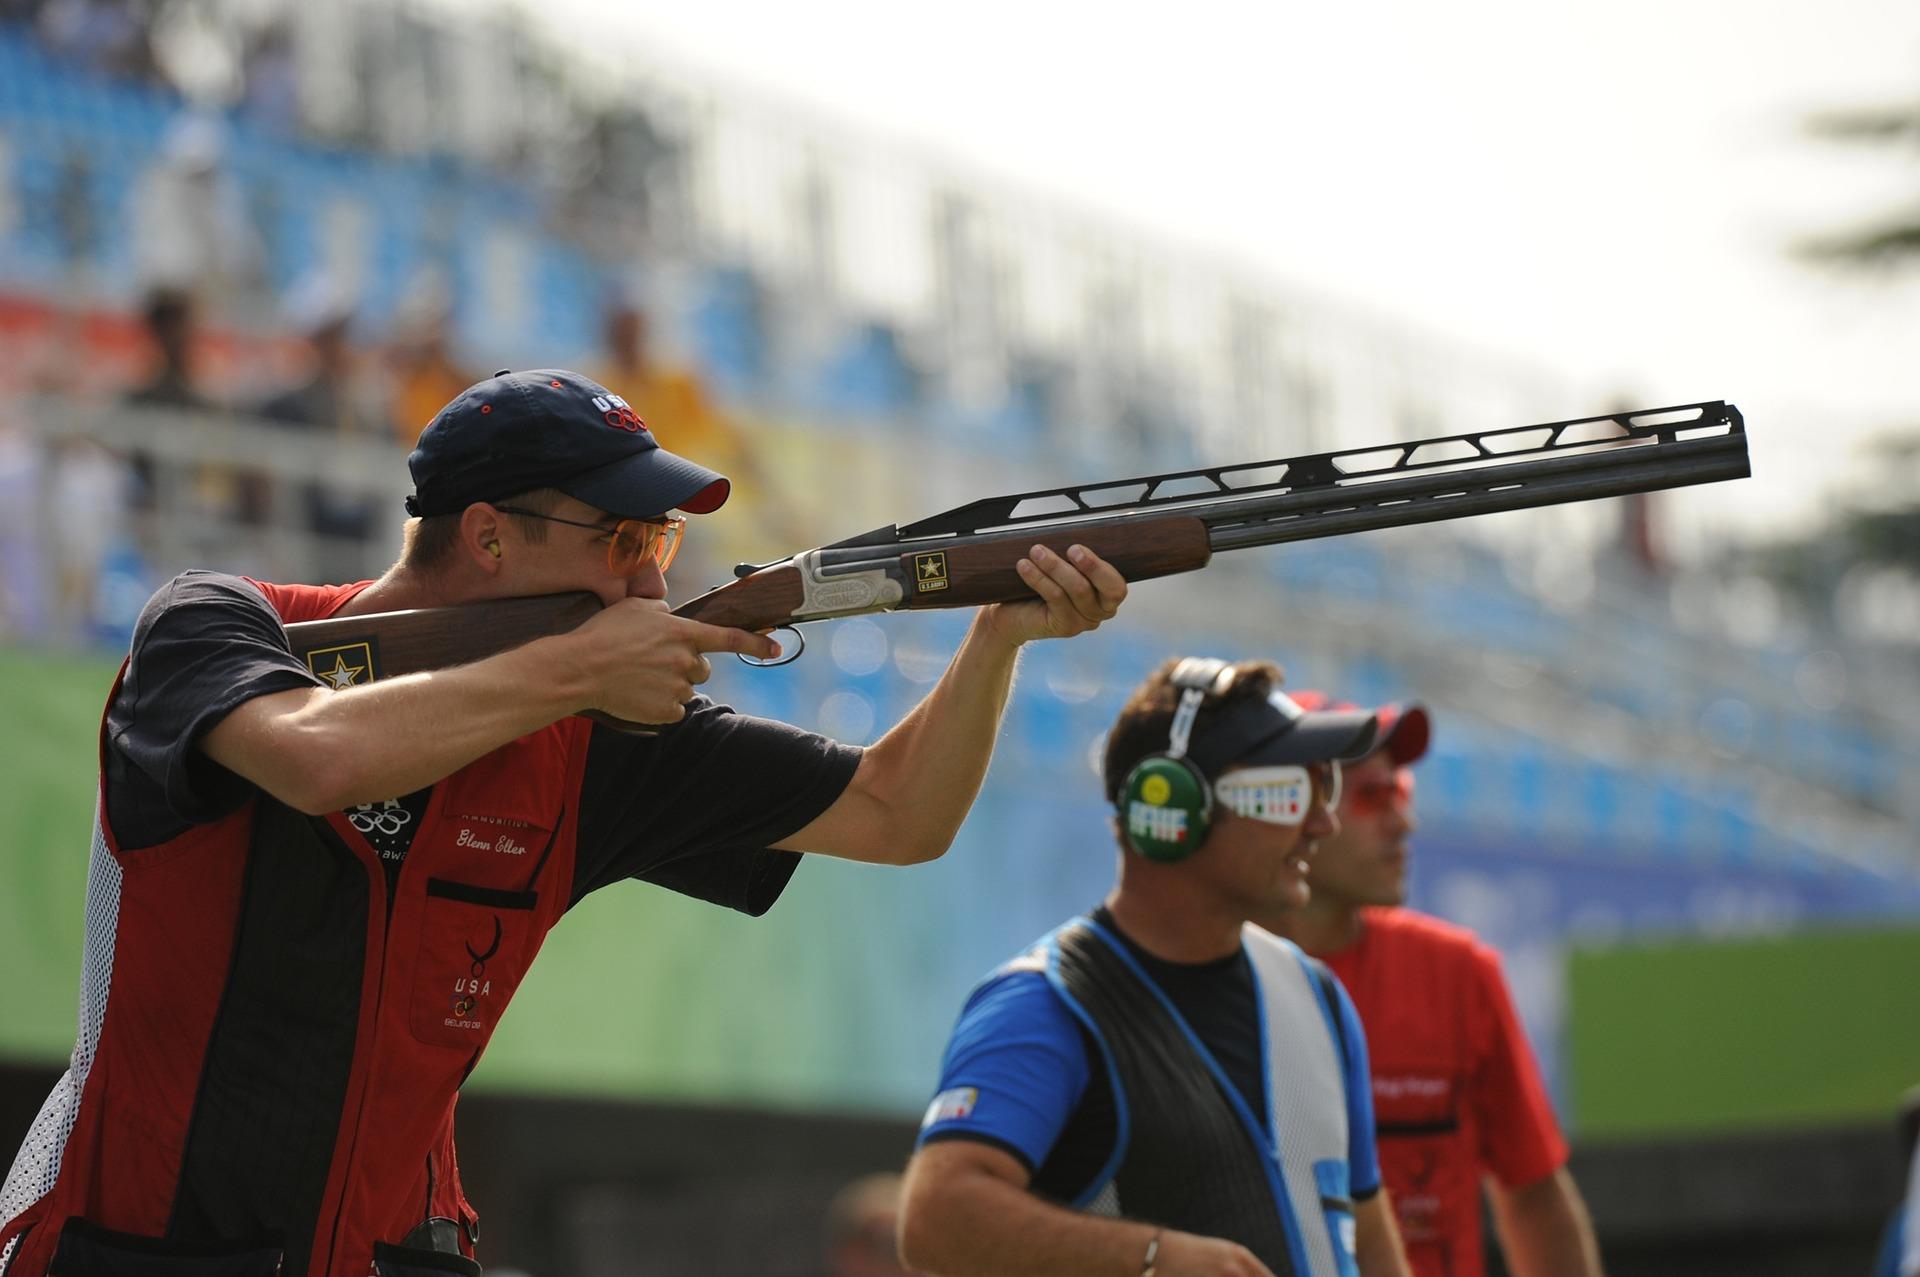 El tiro deportivo, una práctica beneficiosa para la salud